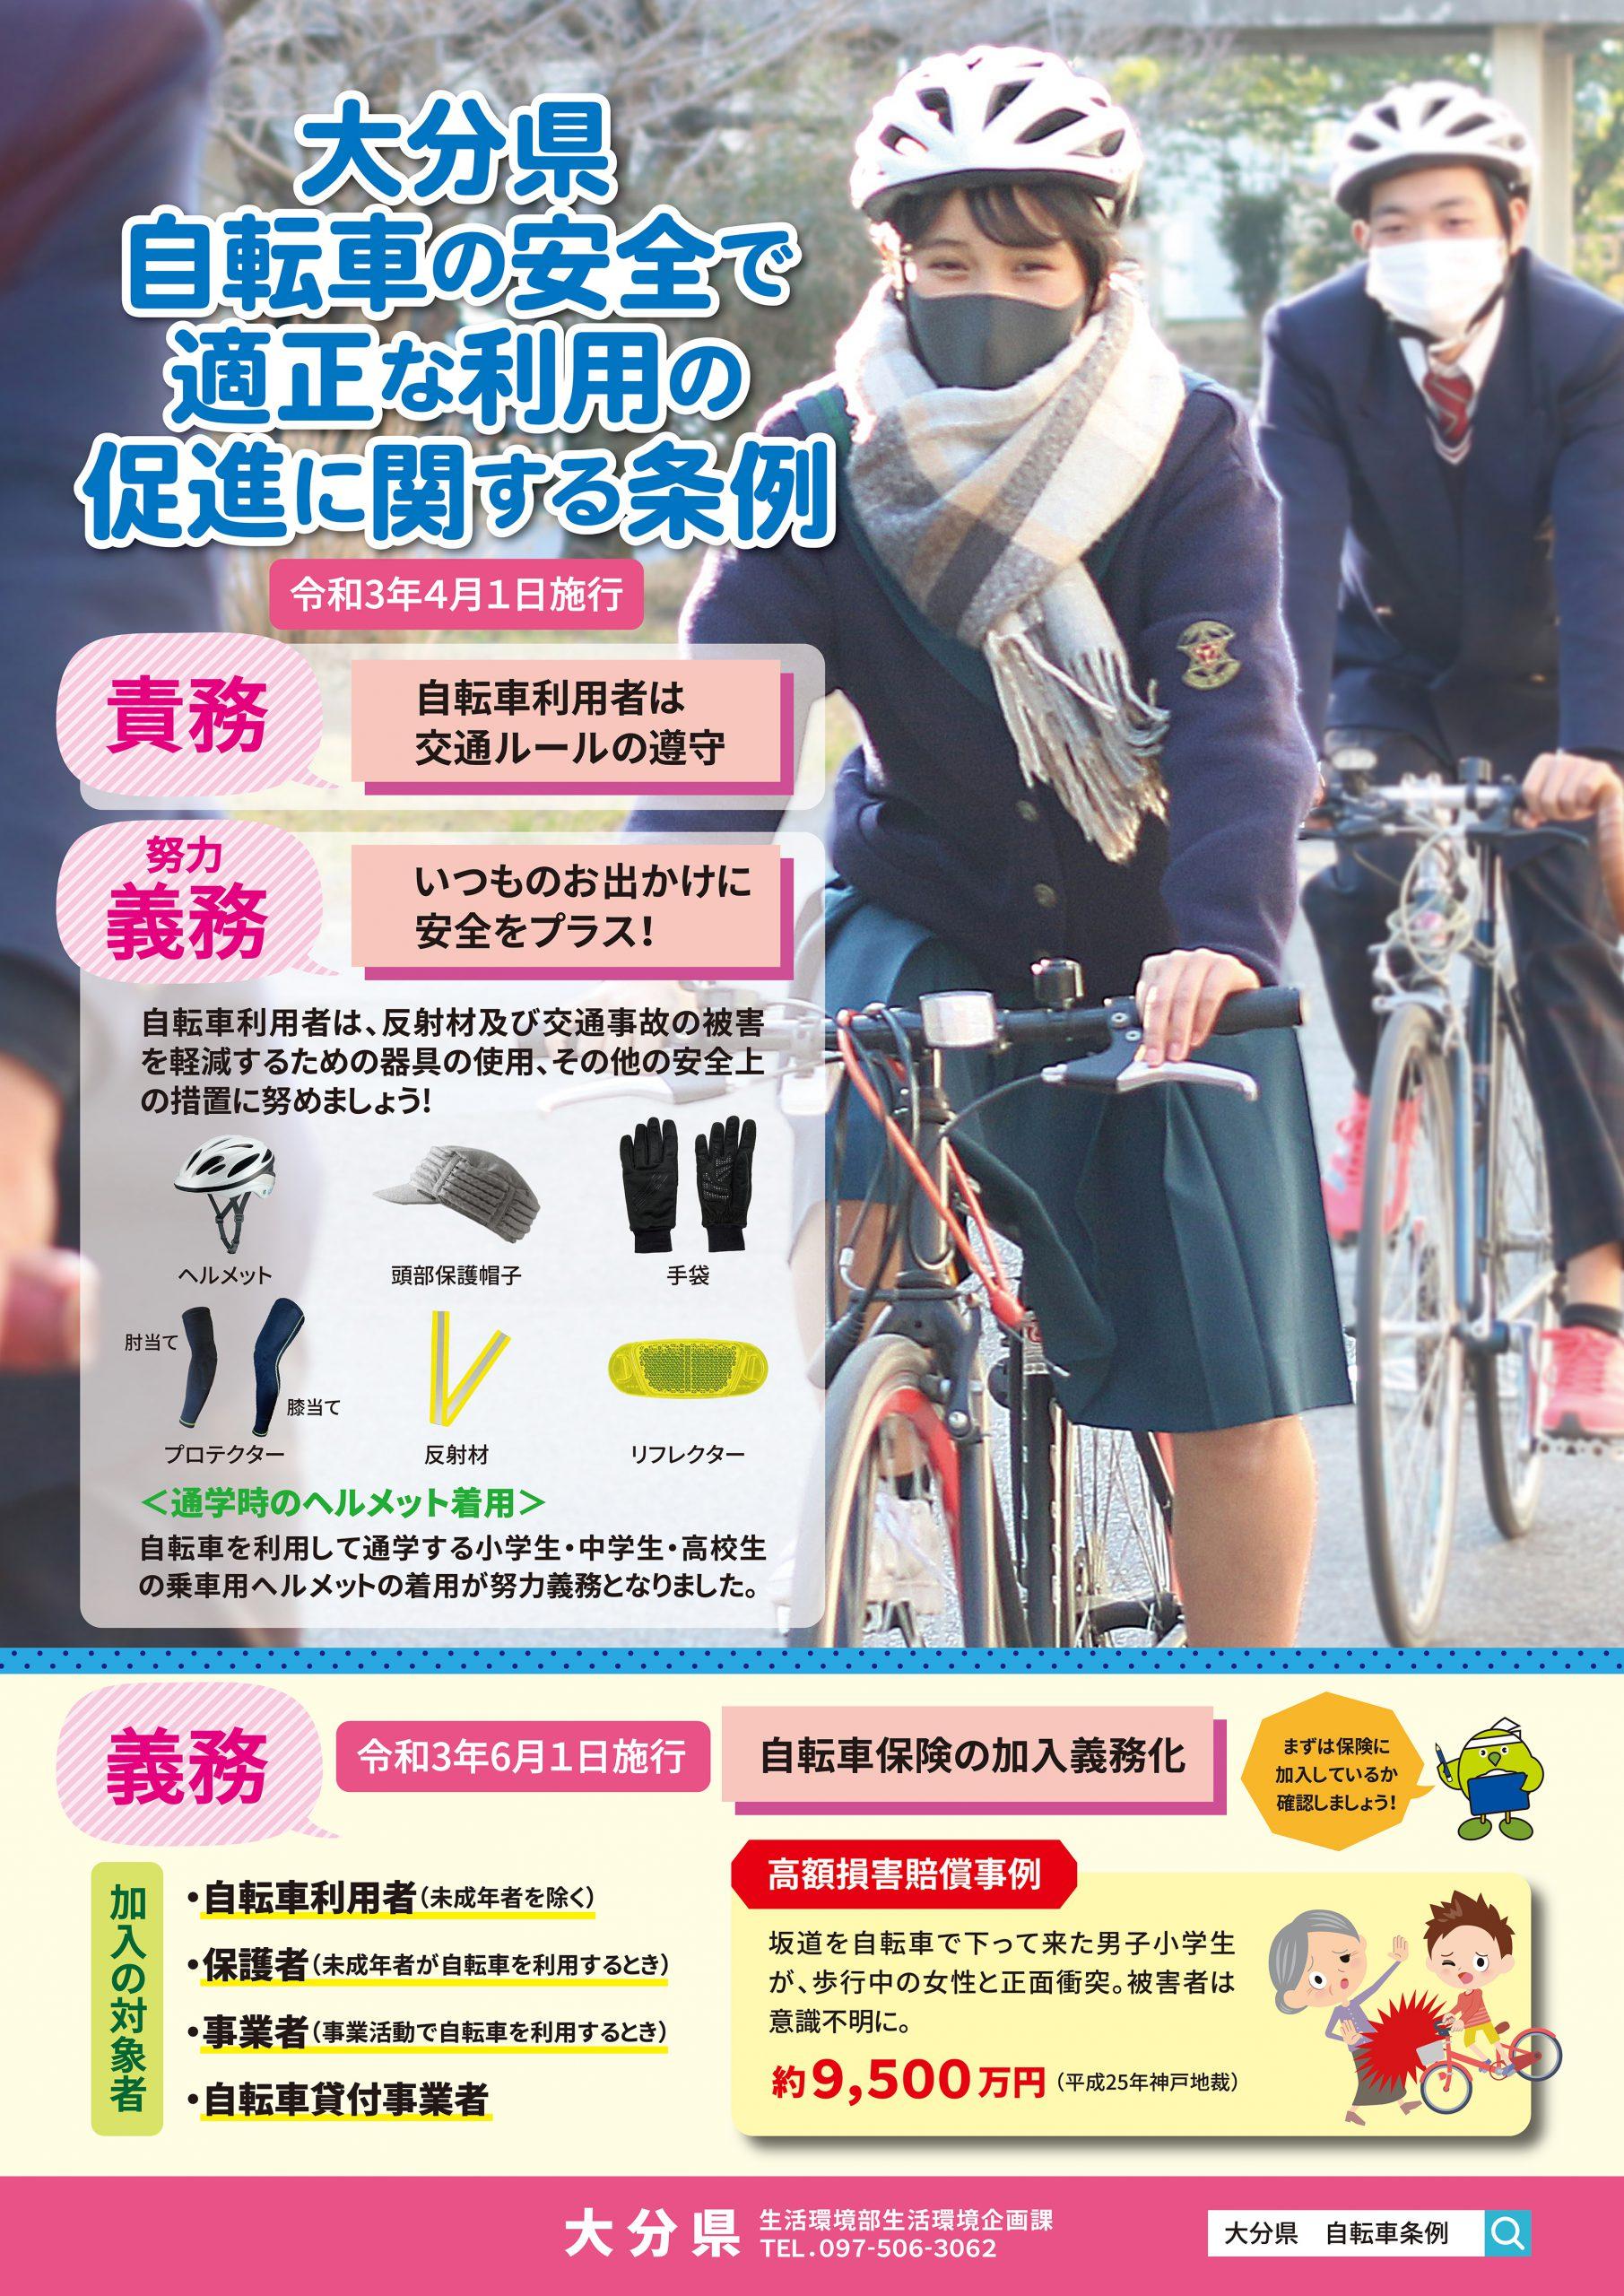 大分県 大分県自転車の安全で適正な利用の促進に関する条例 B2ポスター